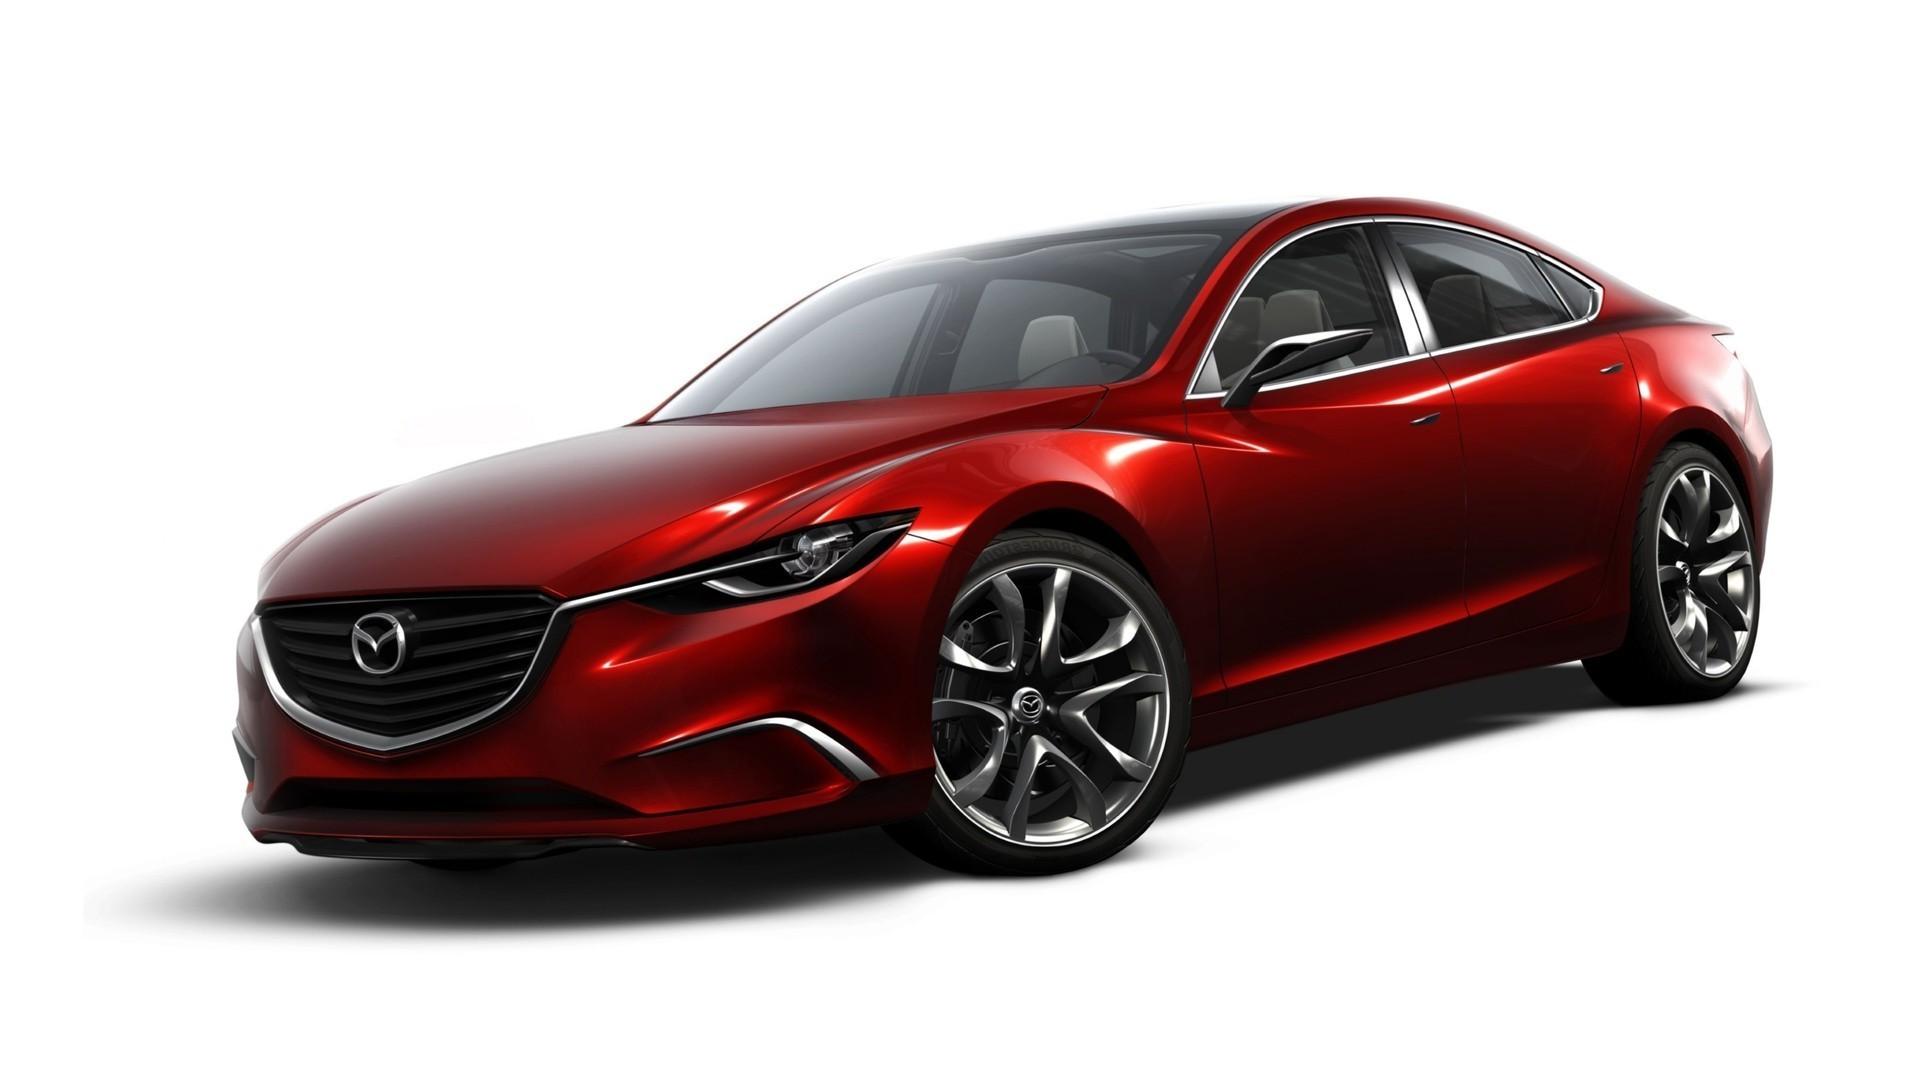 Обои Авто, Скорость, Mazda, Мазда 6, Бордовая картинки на рабочий ... | 1080x1920